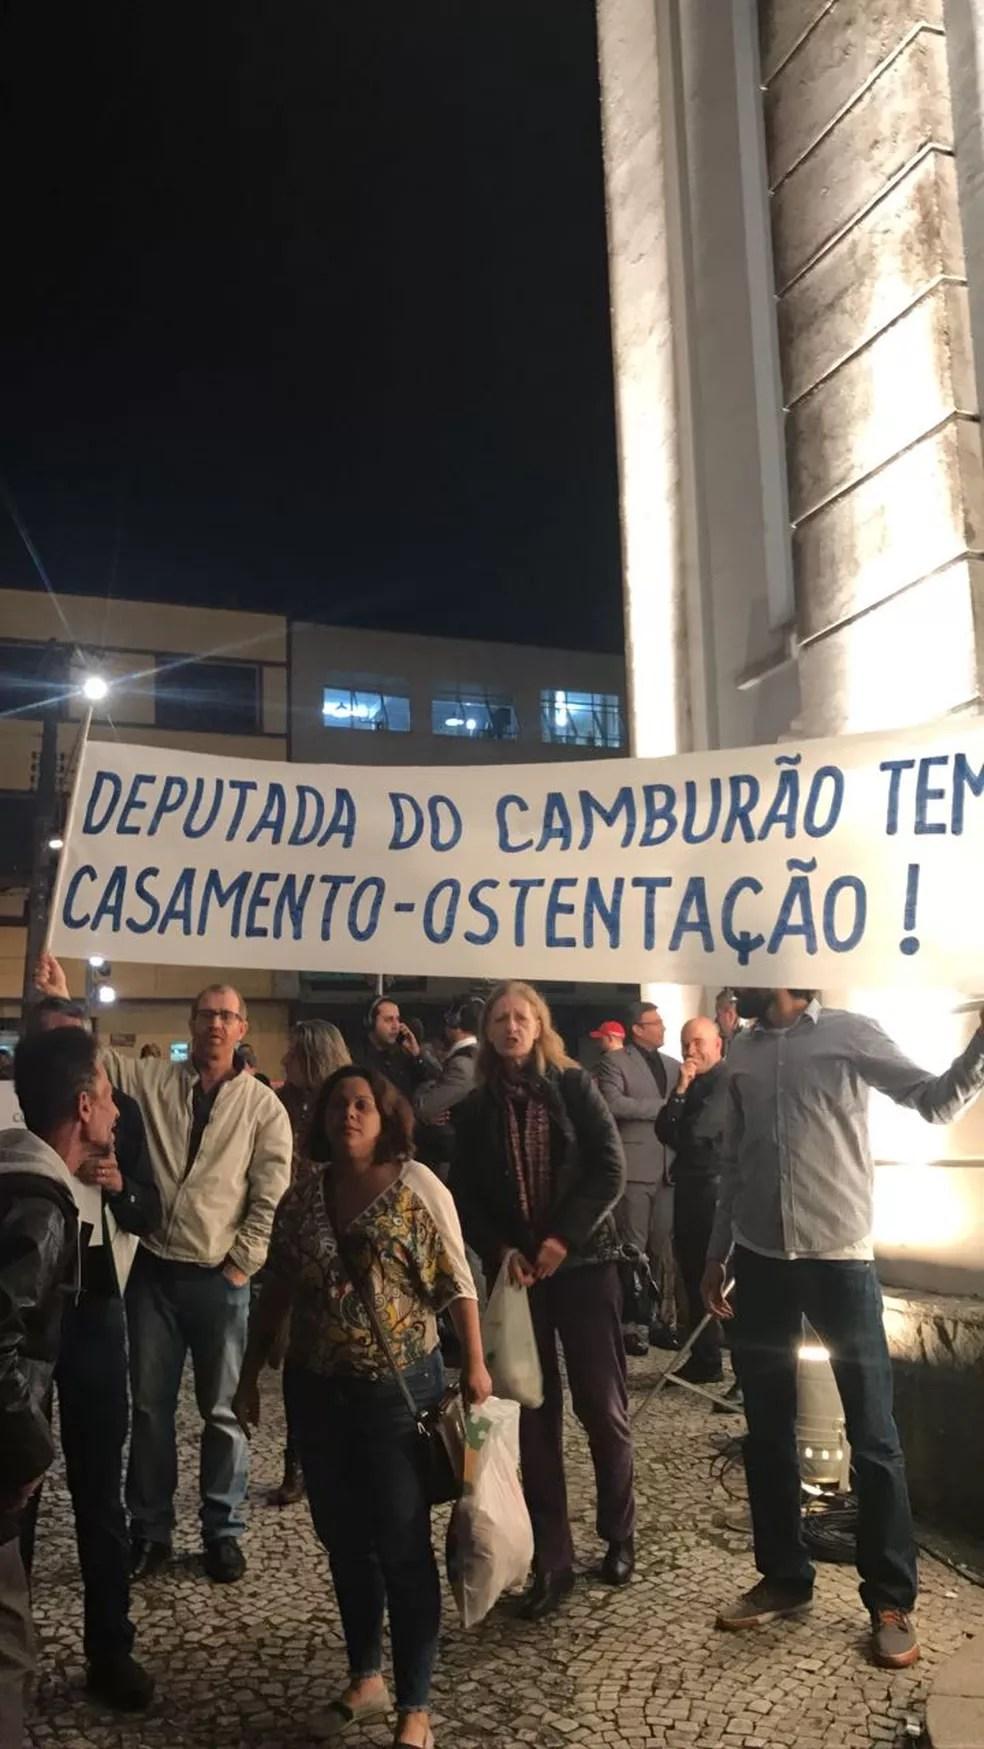 Manifestantes exibem faixa contra a deputada (Foto: Carolina Wolf/RPC)